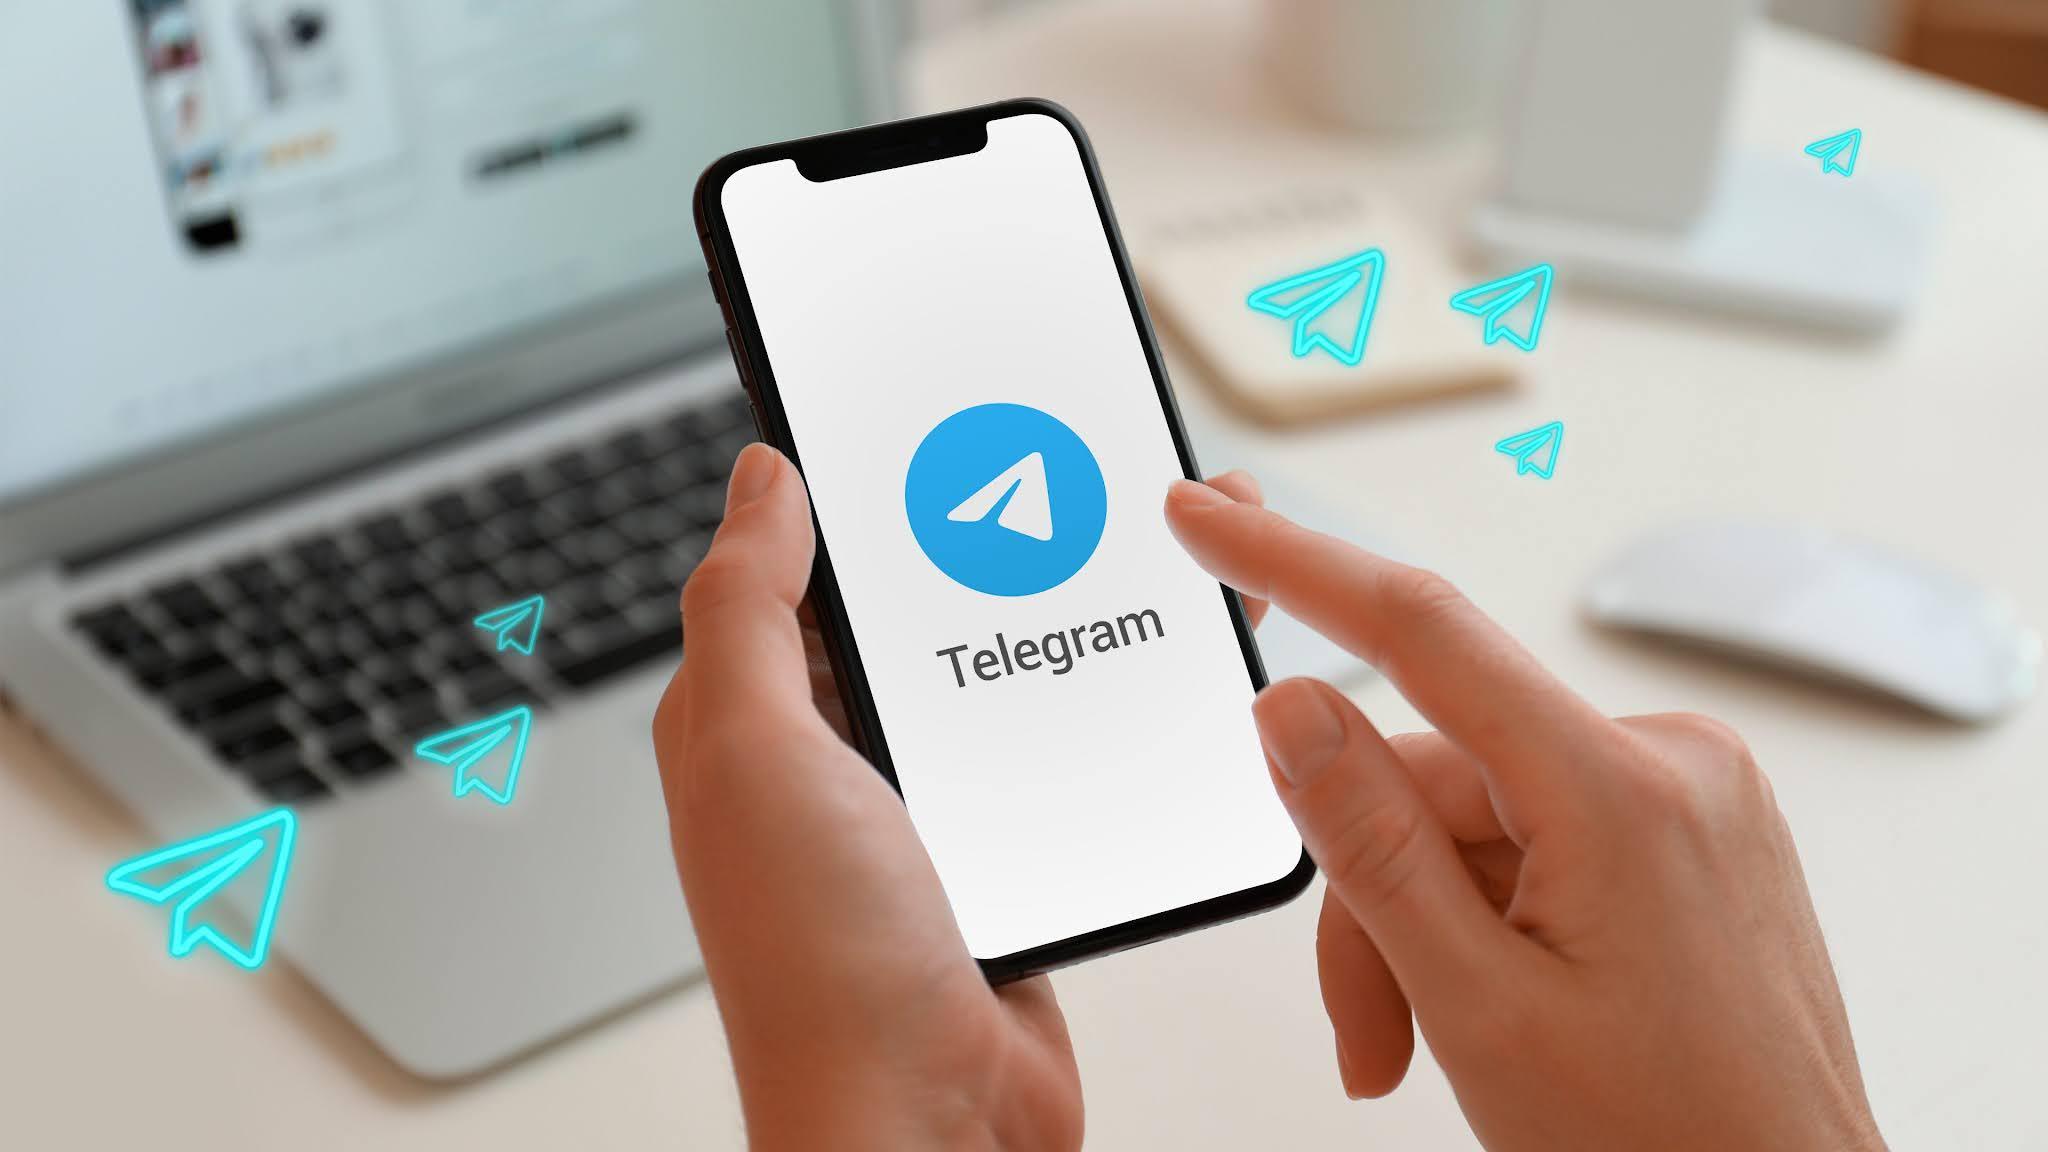 كيفية الربح من تليجرام وألية الربح وكسب الأموال من تليجرام